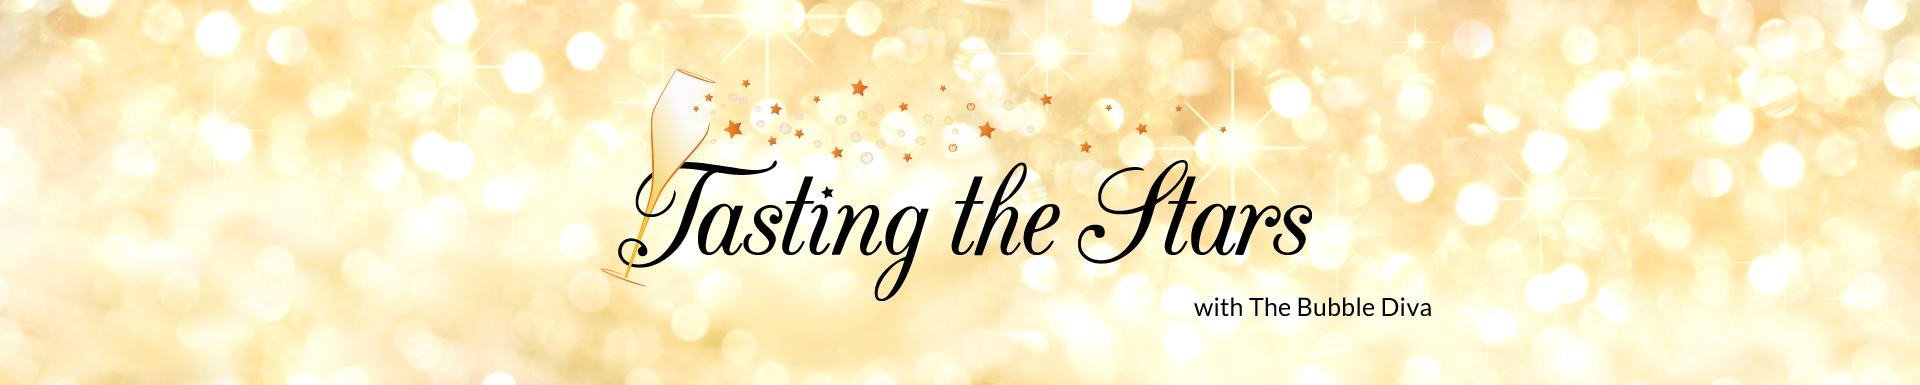 tasting-the-stars-header-gold